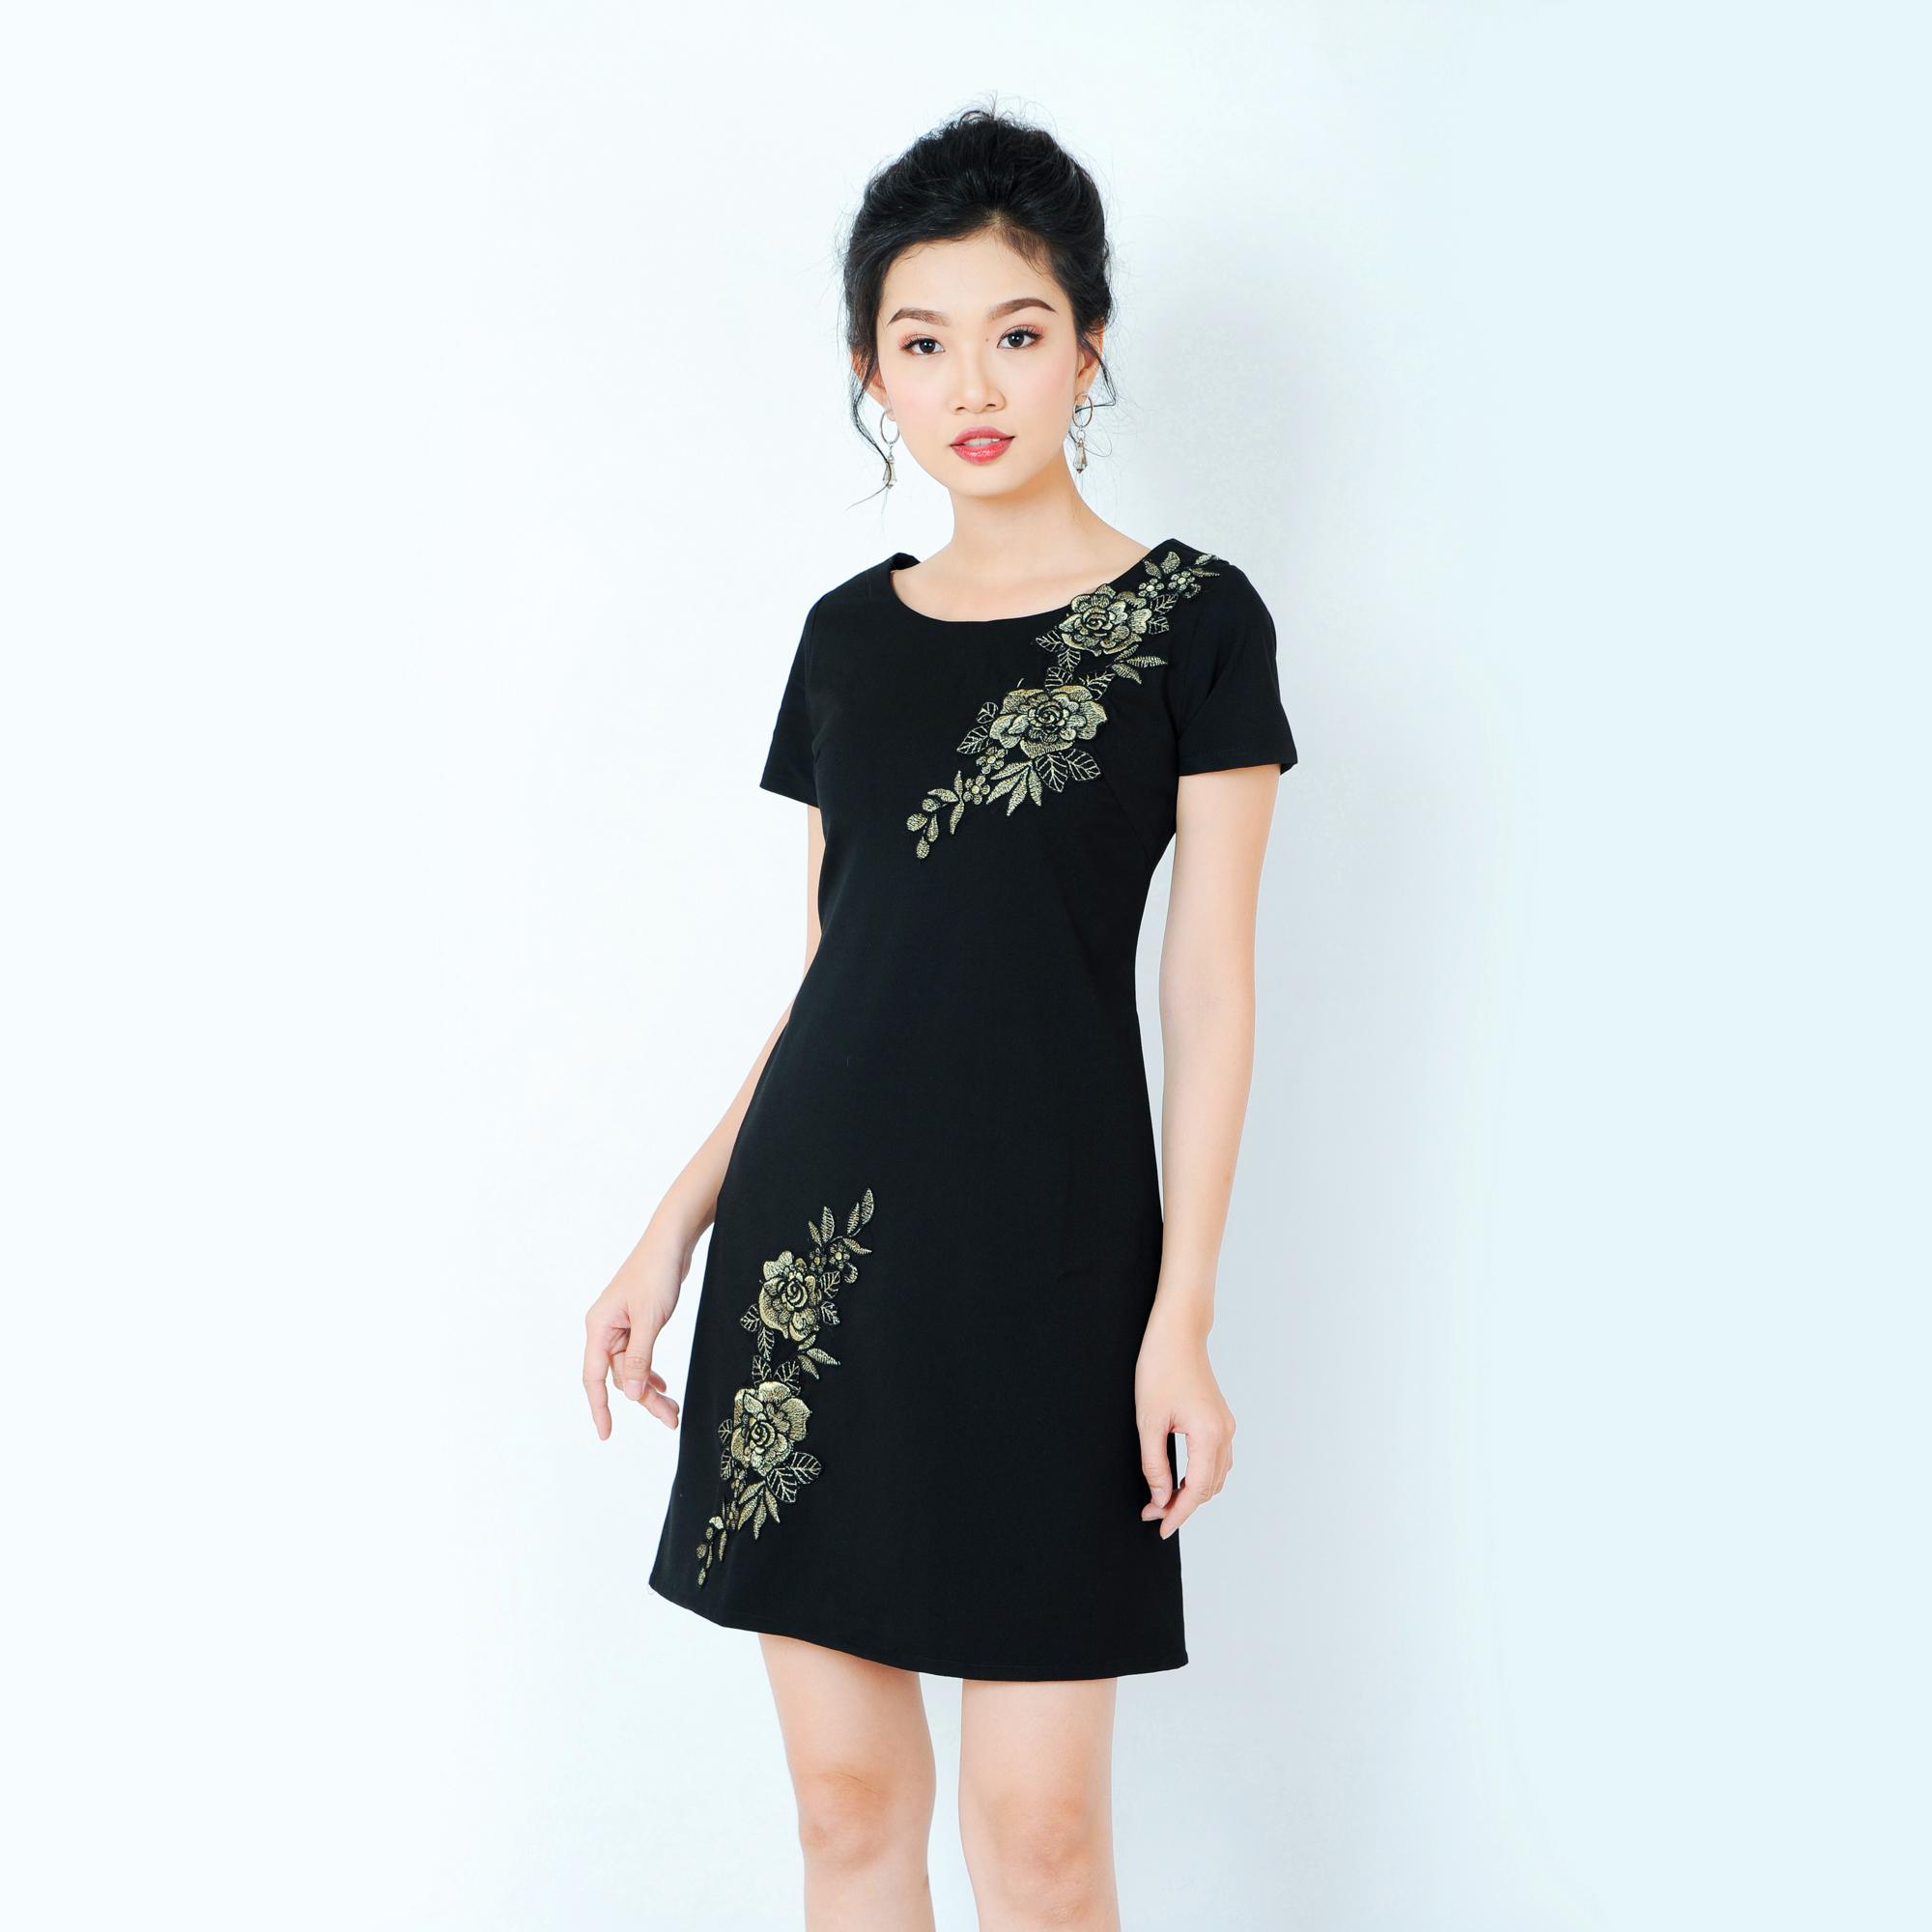 Đầm suông thêu hoa đơn giản thời trang Eden d206